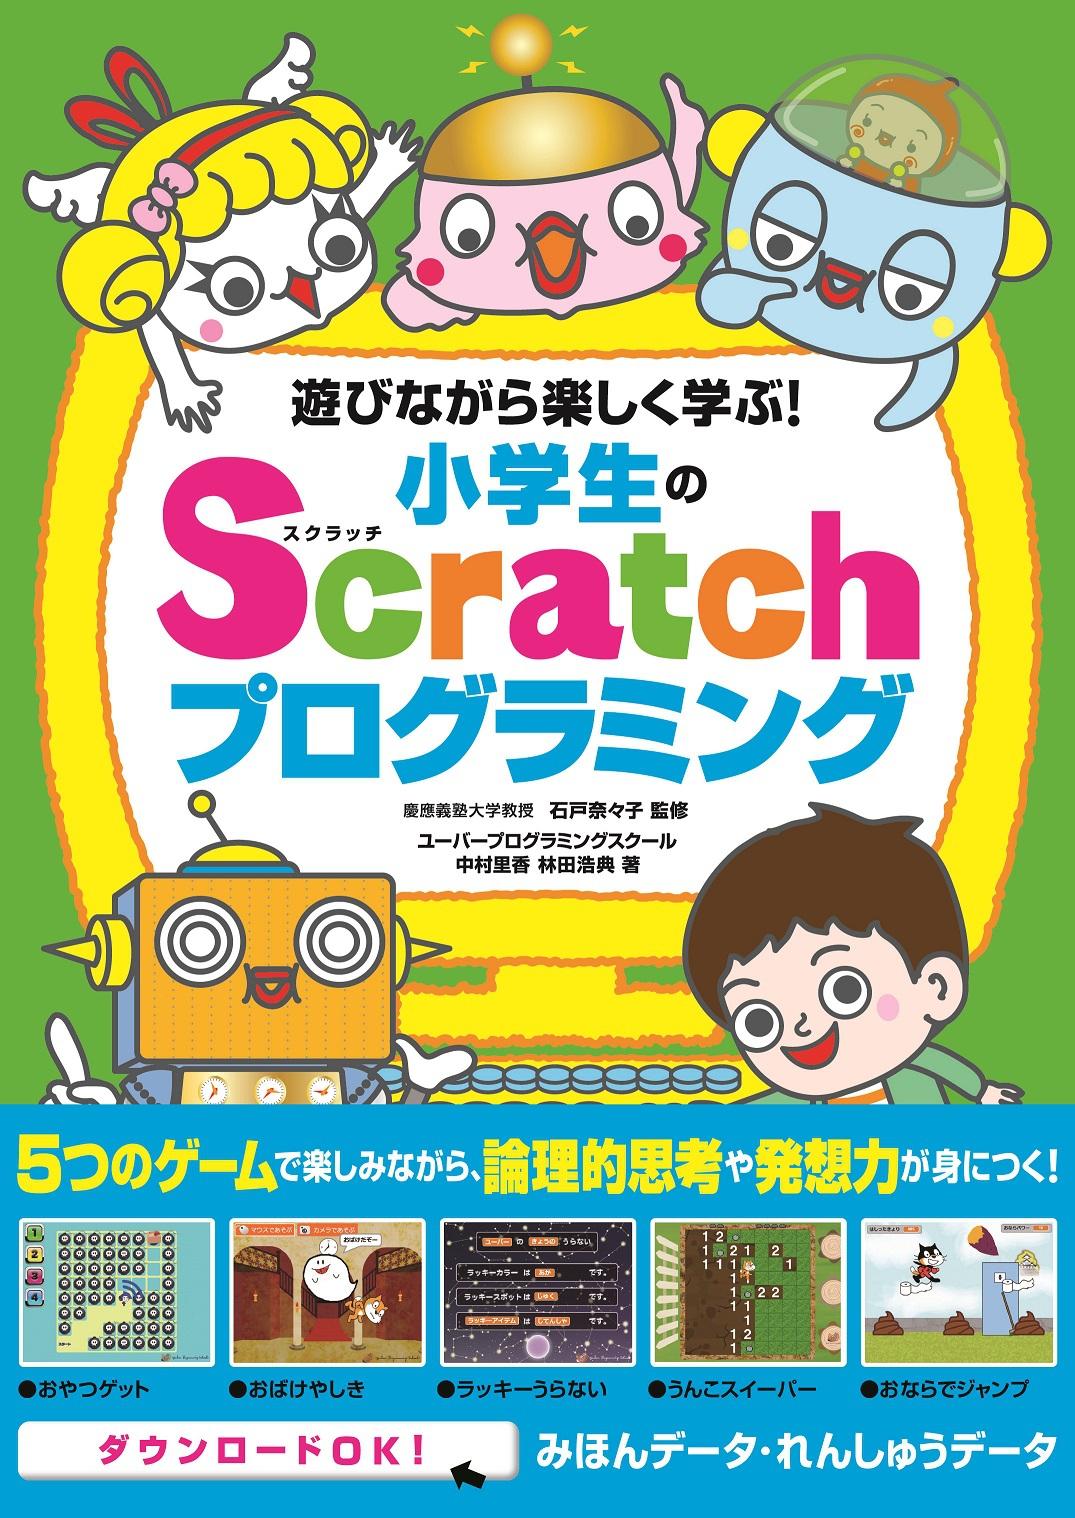 新刊『遊びながら楽しく学ぶ!小学生のScratchプログラミング』